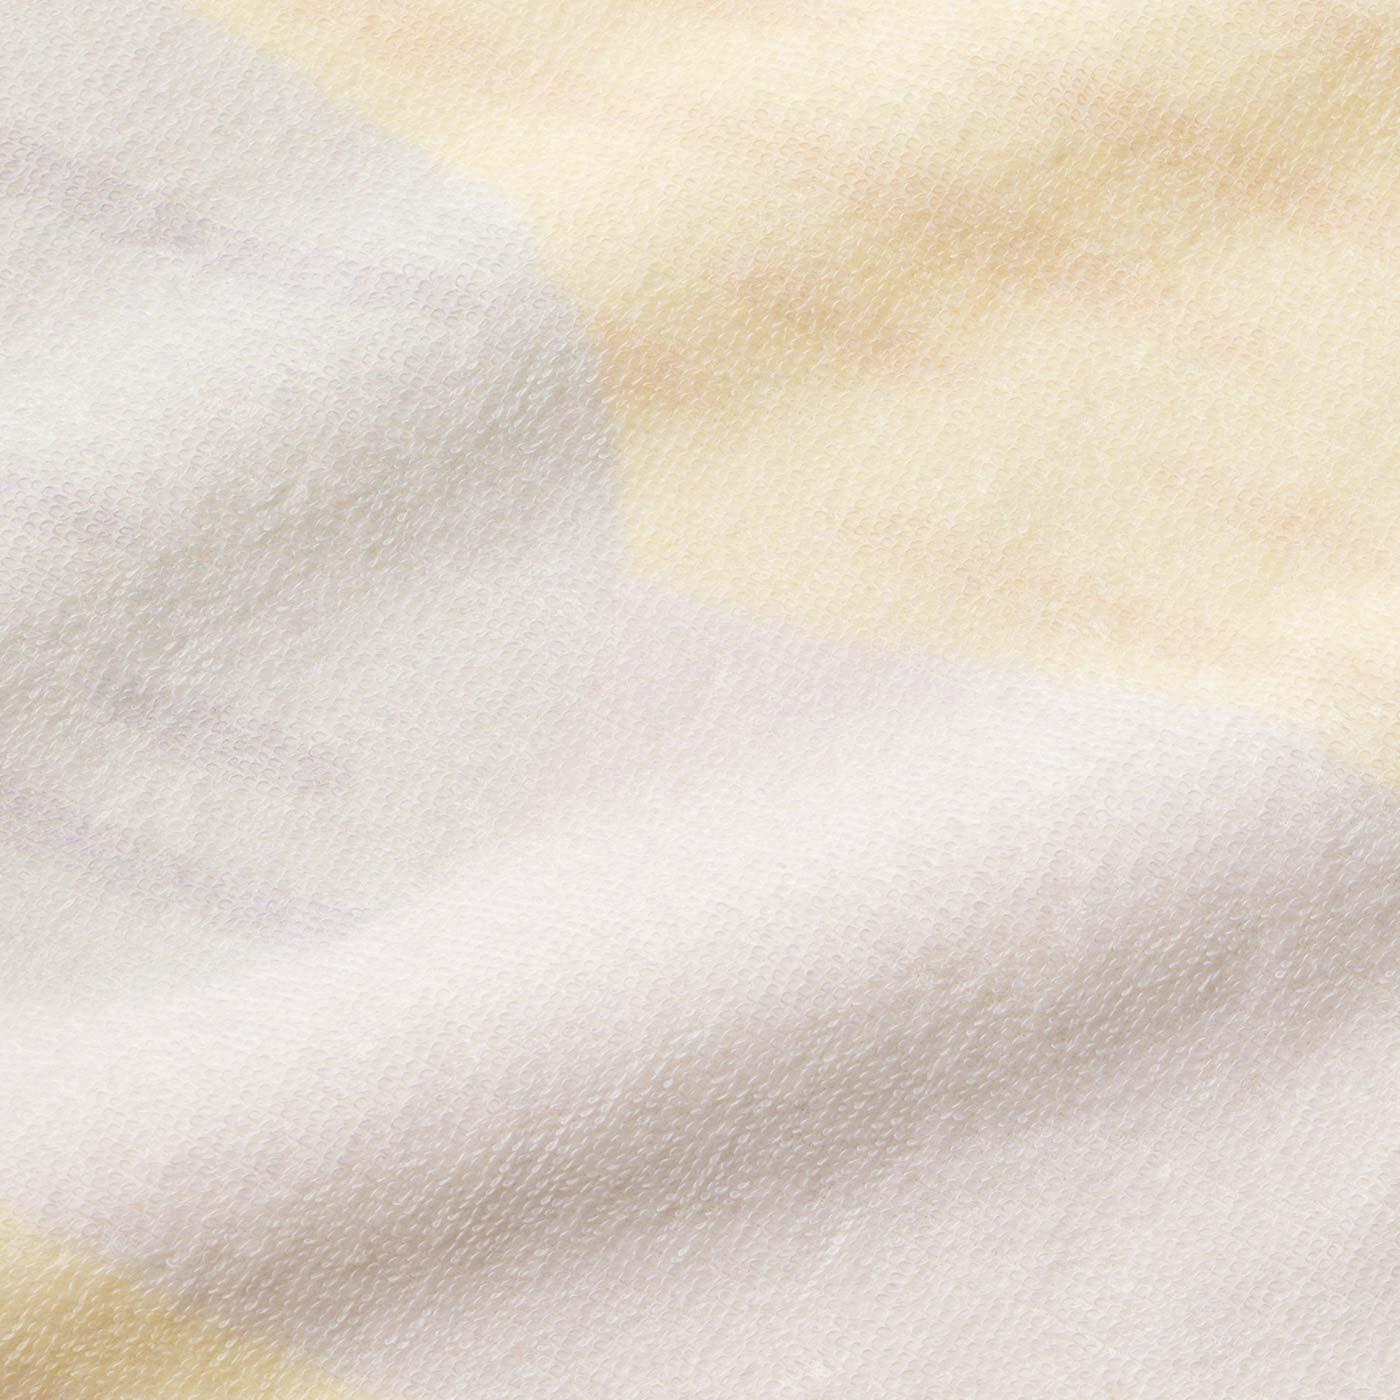 パステル三毛猫柄のパイル生地。